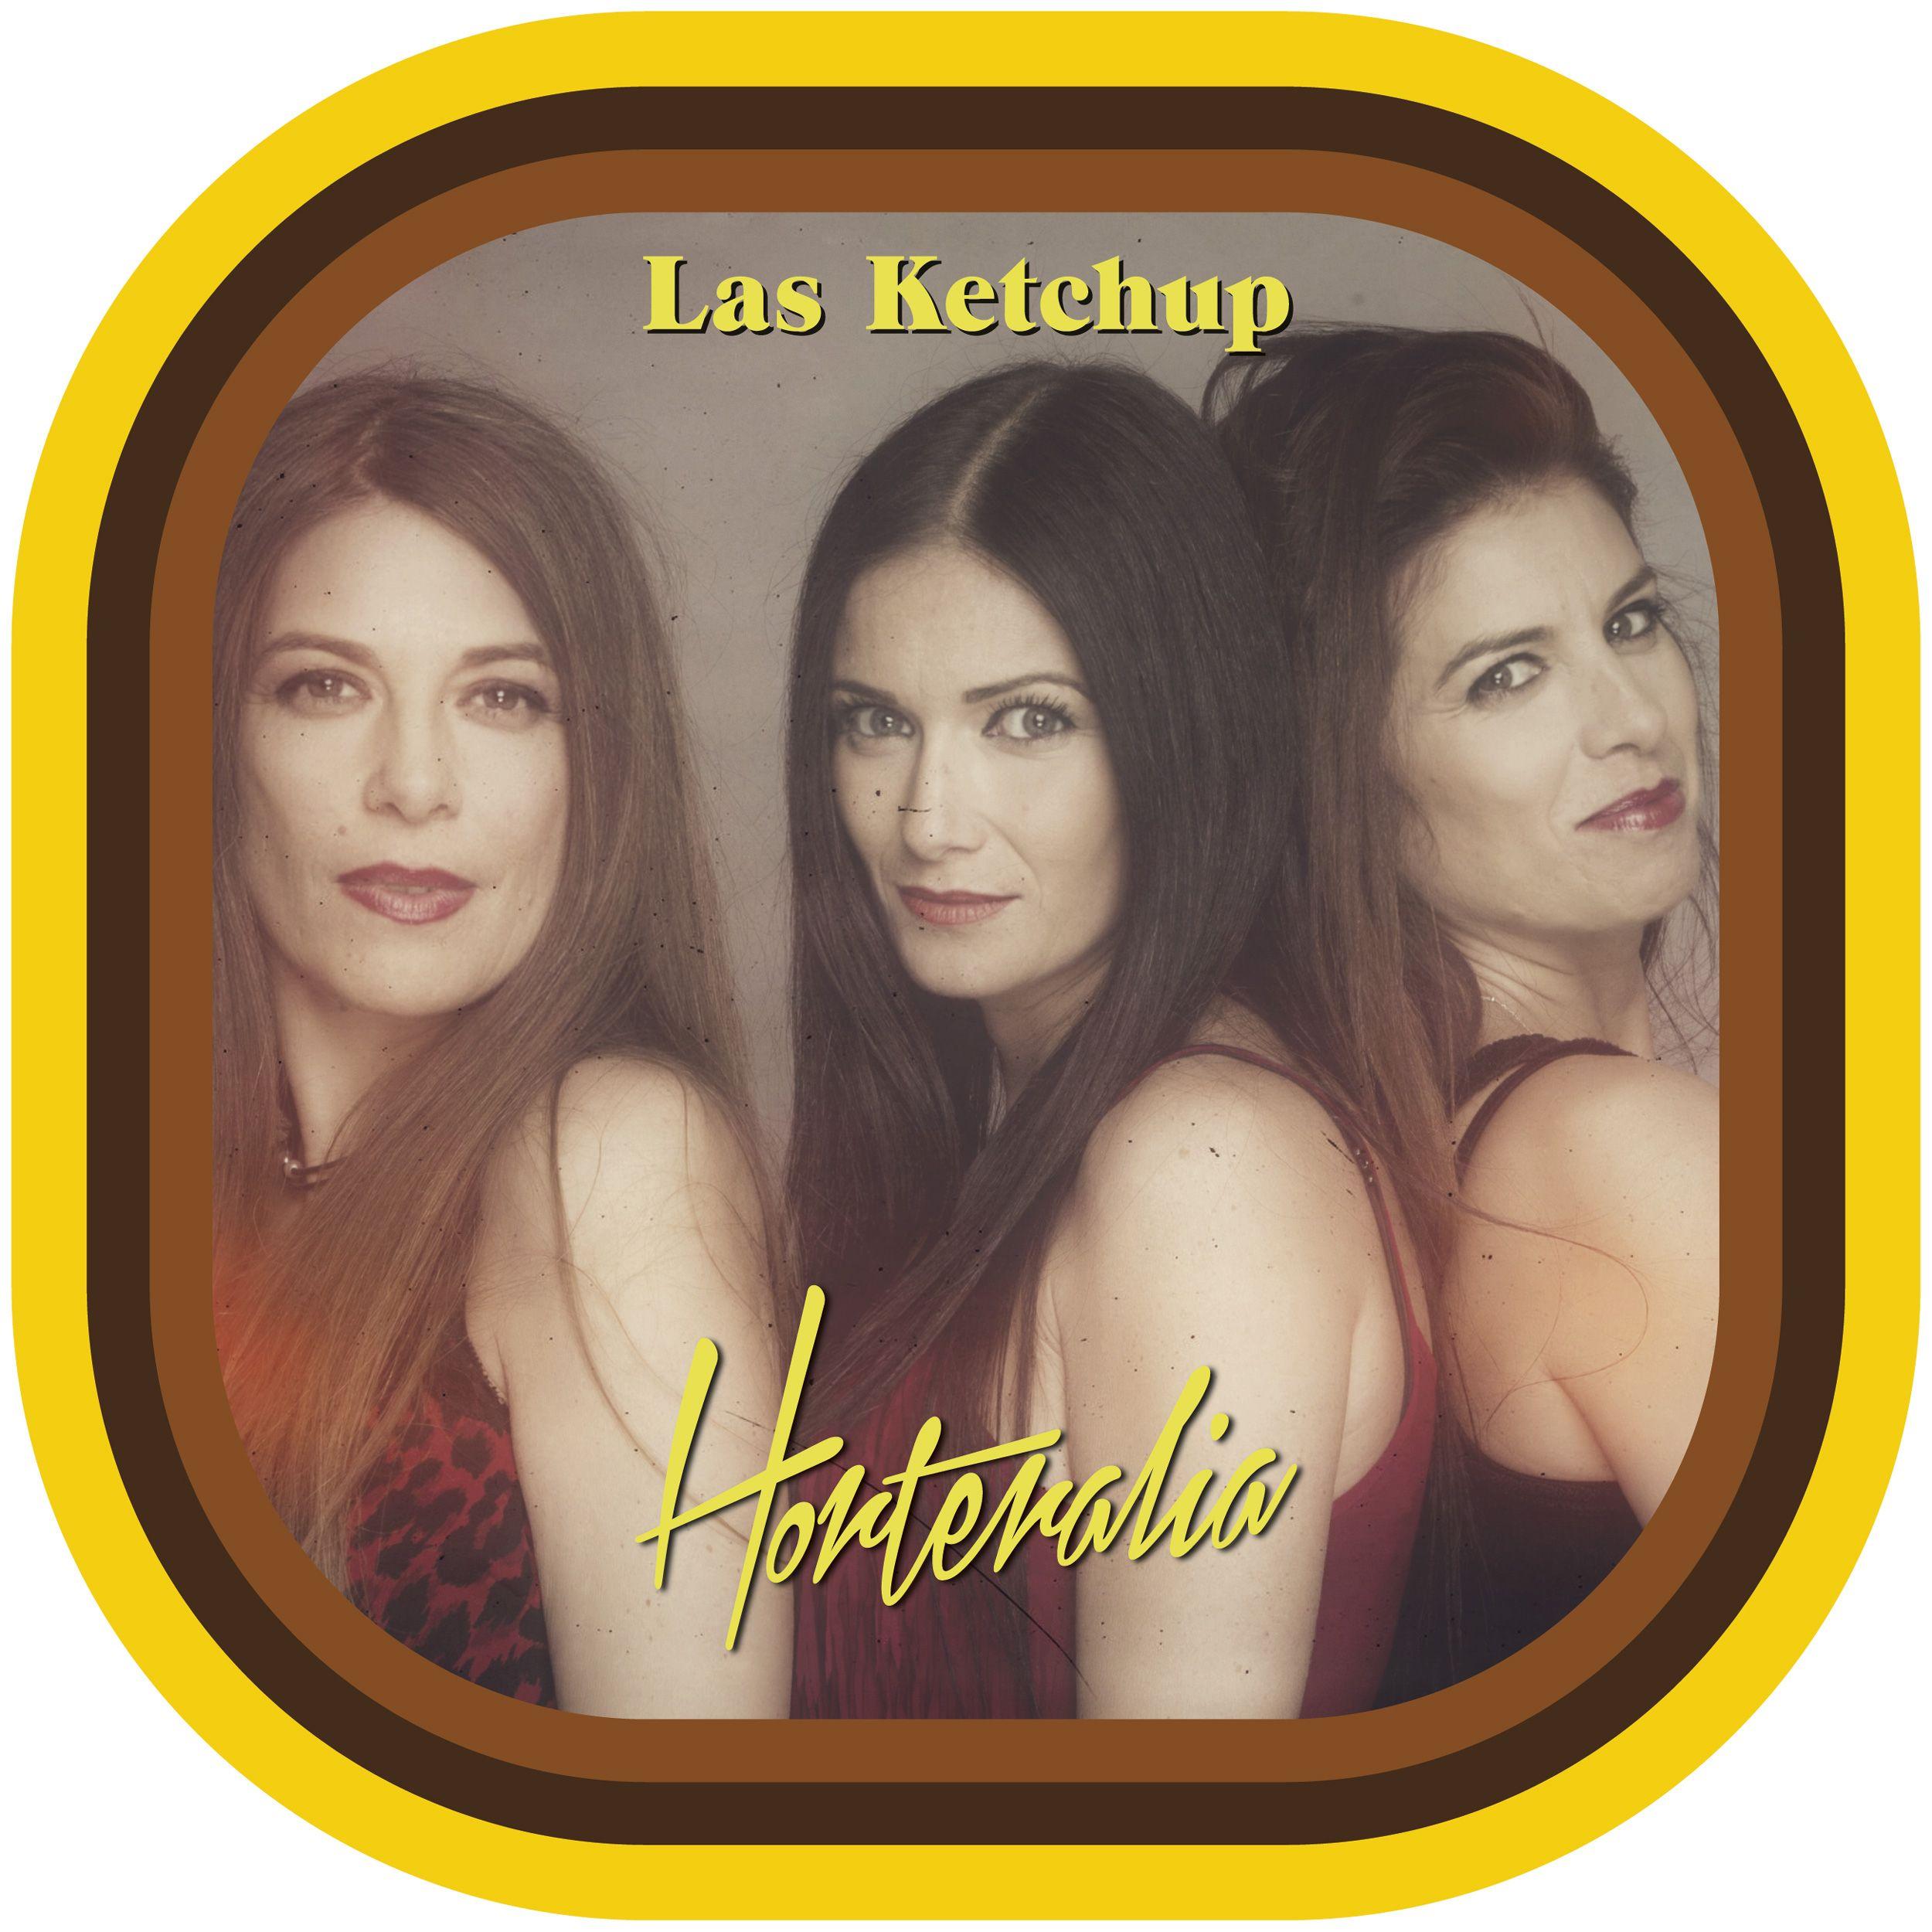 Ladilla Rusa y Las Ketchup en el X aniversario de Horteralia